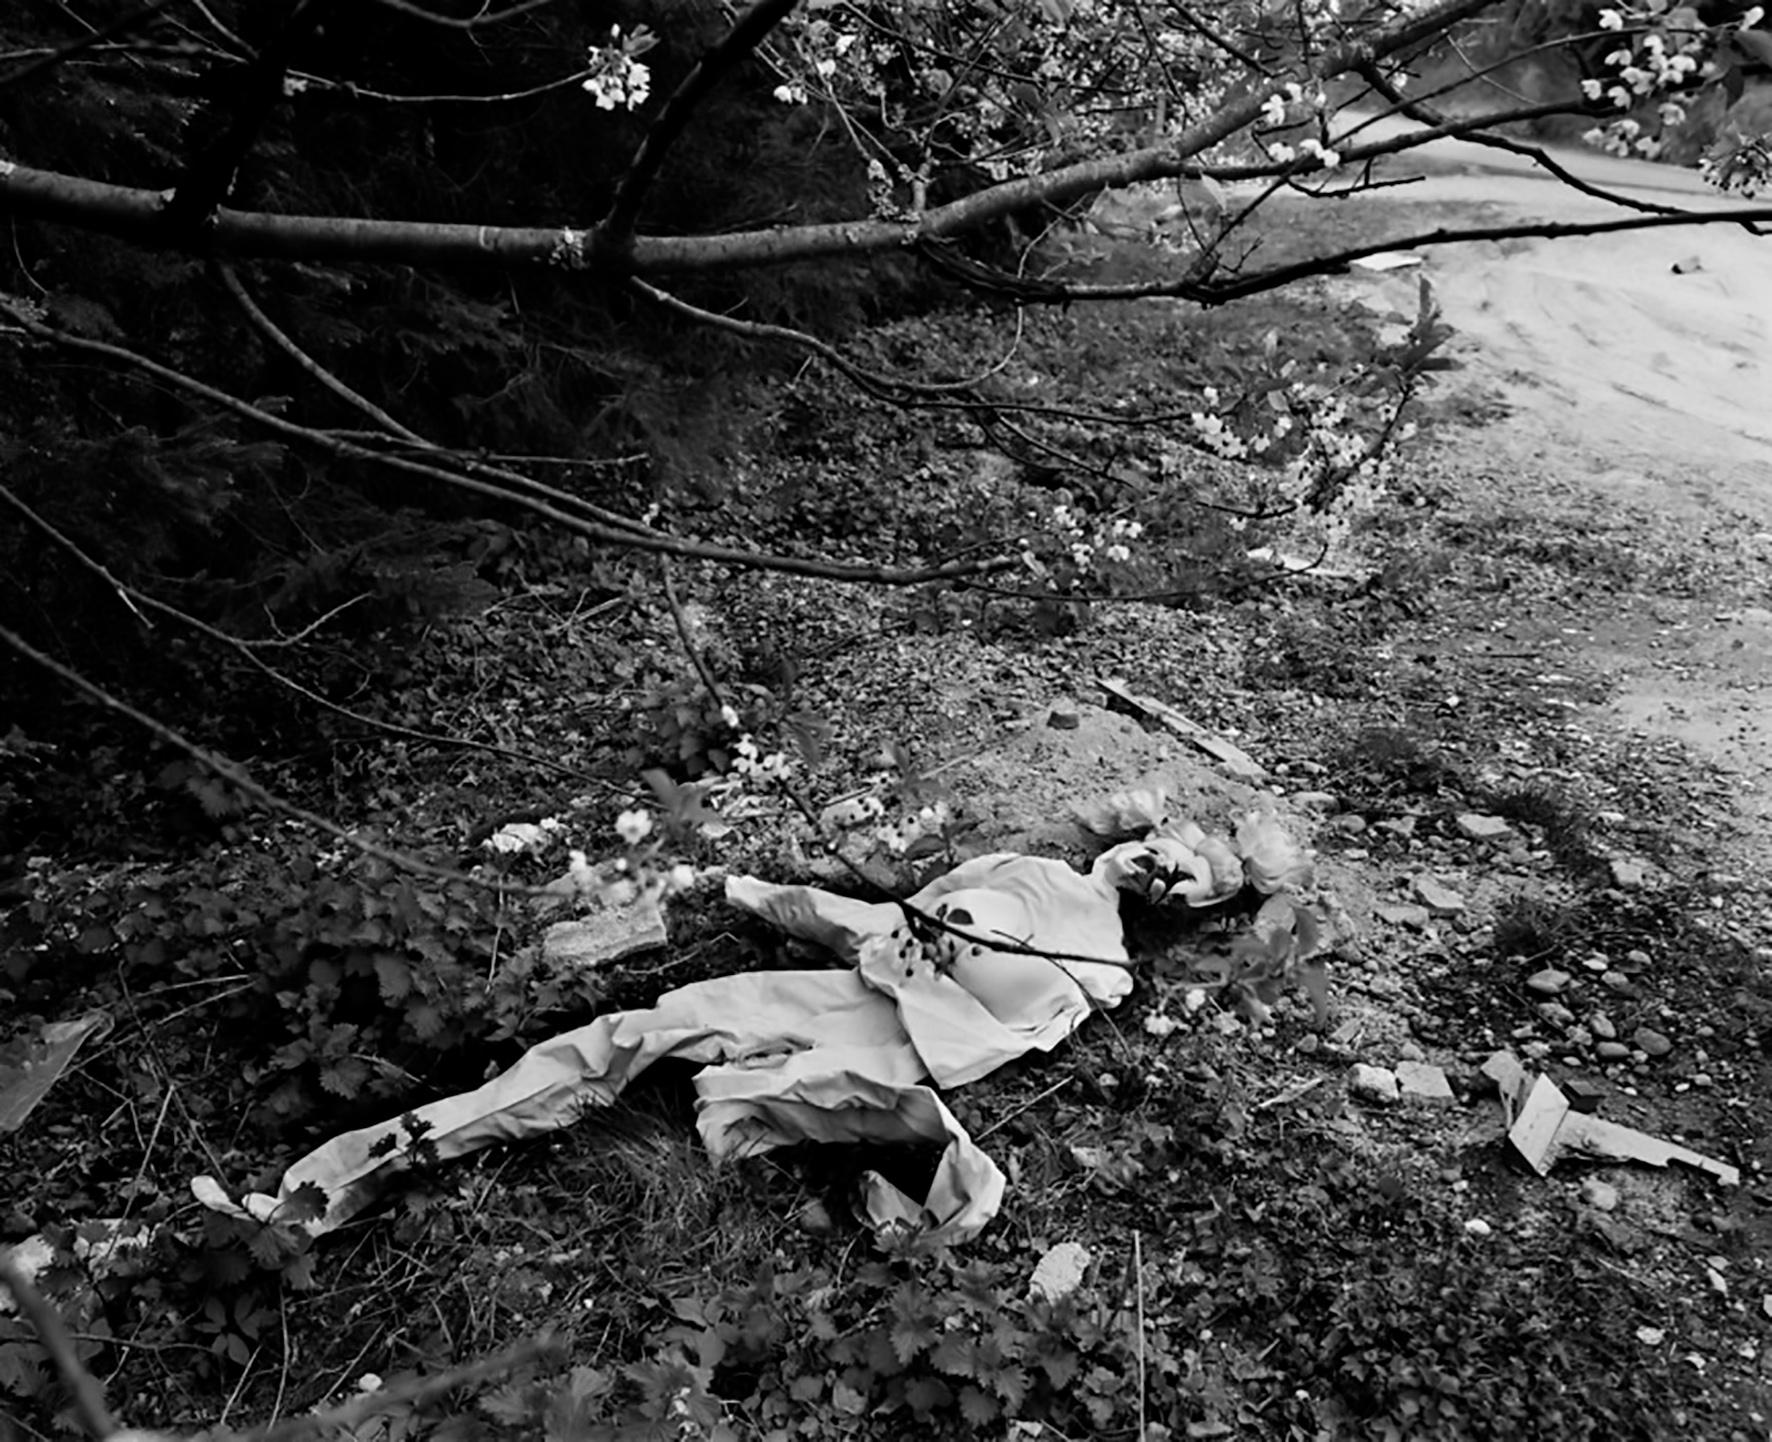 FRANCE. Les Vosges. Sex dummy. 1997.